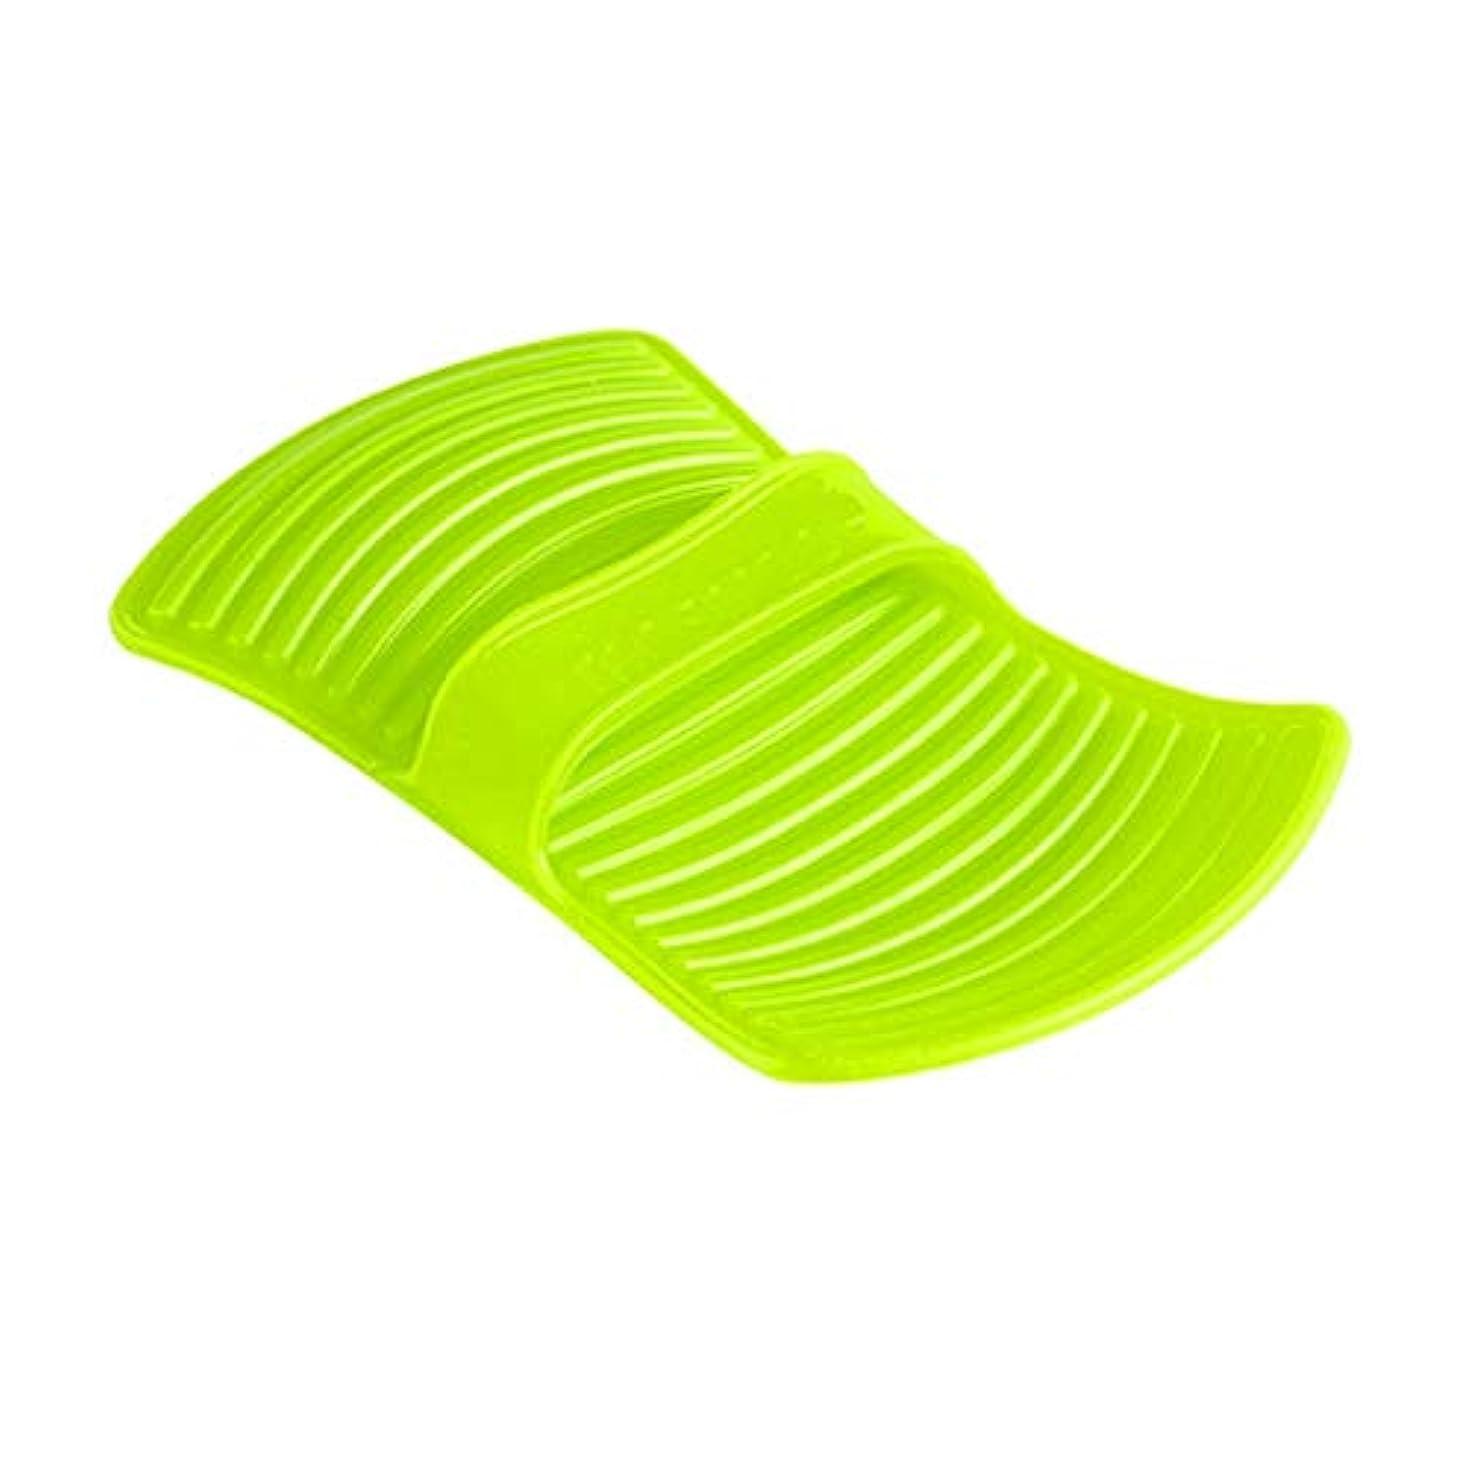 トランザクション怒るパンツLIUXIN シリコーン断熱材不凍液手袋高温焼け防止手袋家庭用ベーキング手袋滑り止め11.7 * 20.5センチグリーン×1 ゴム手袋